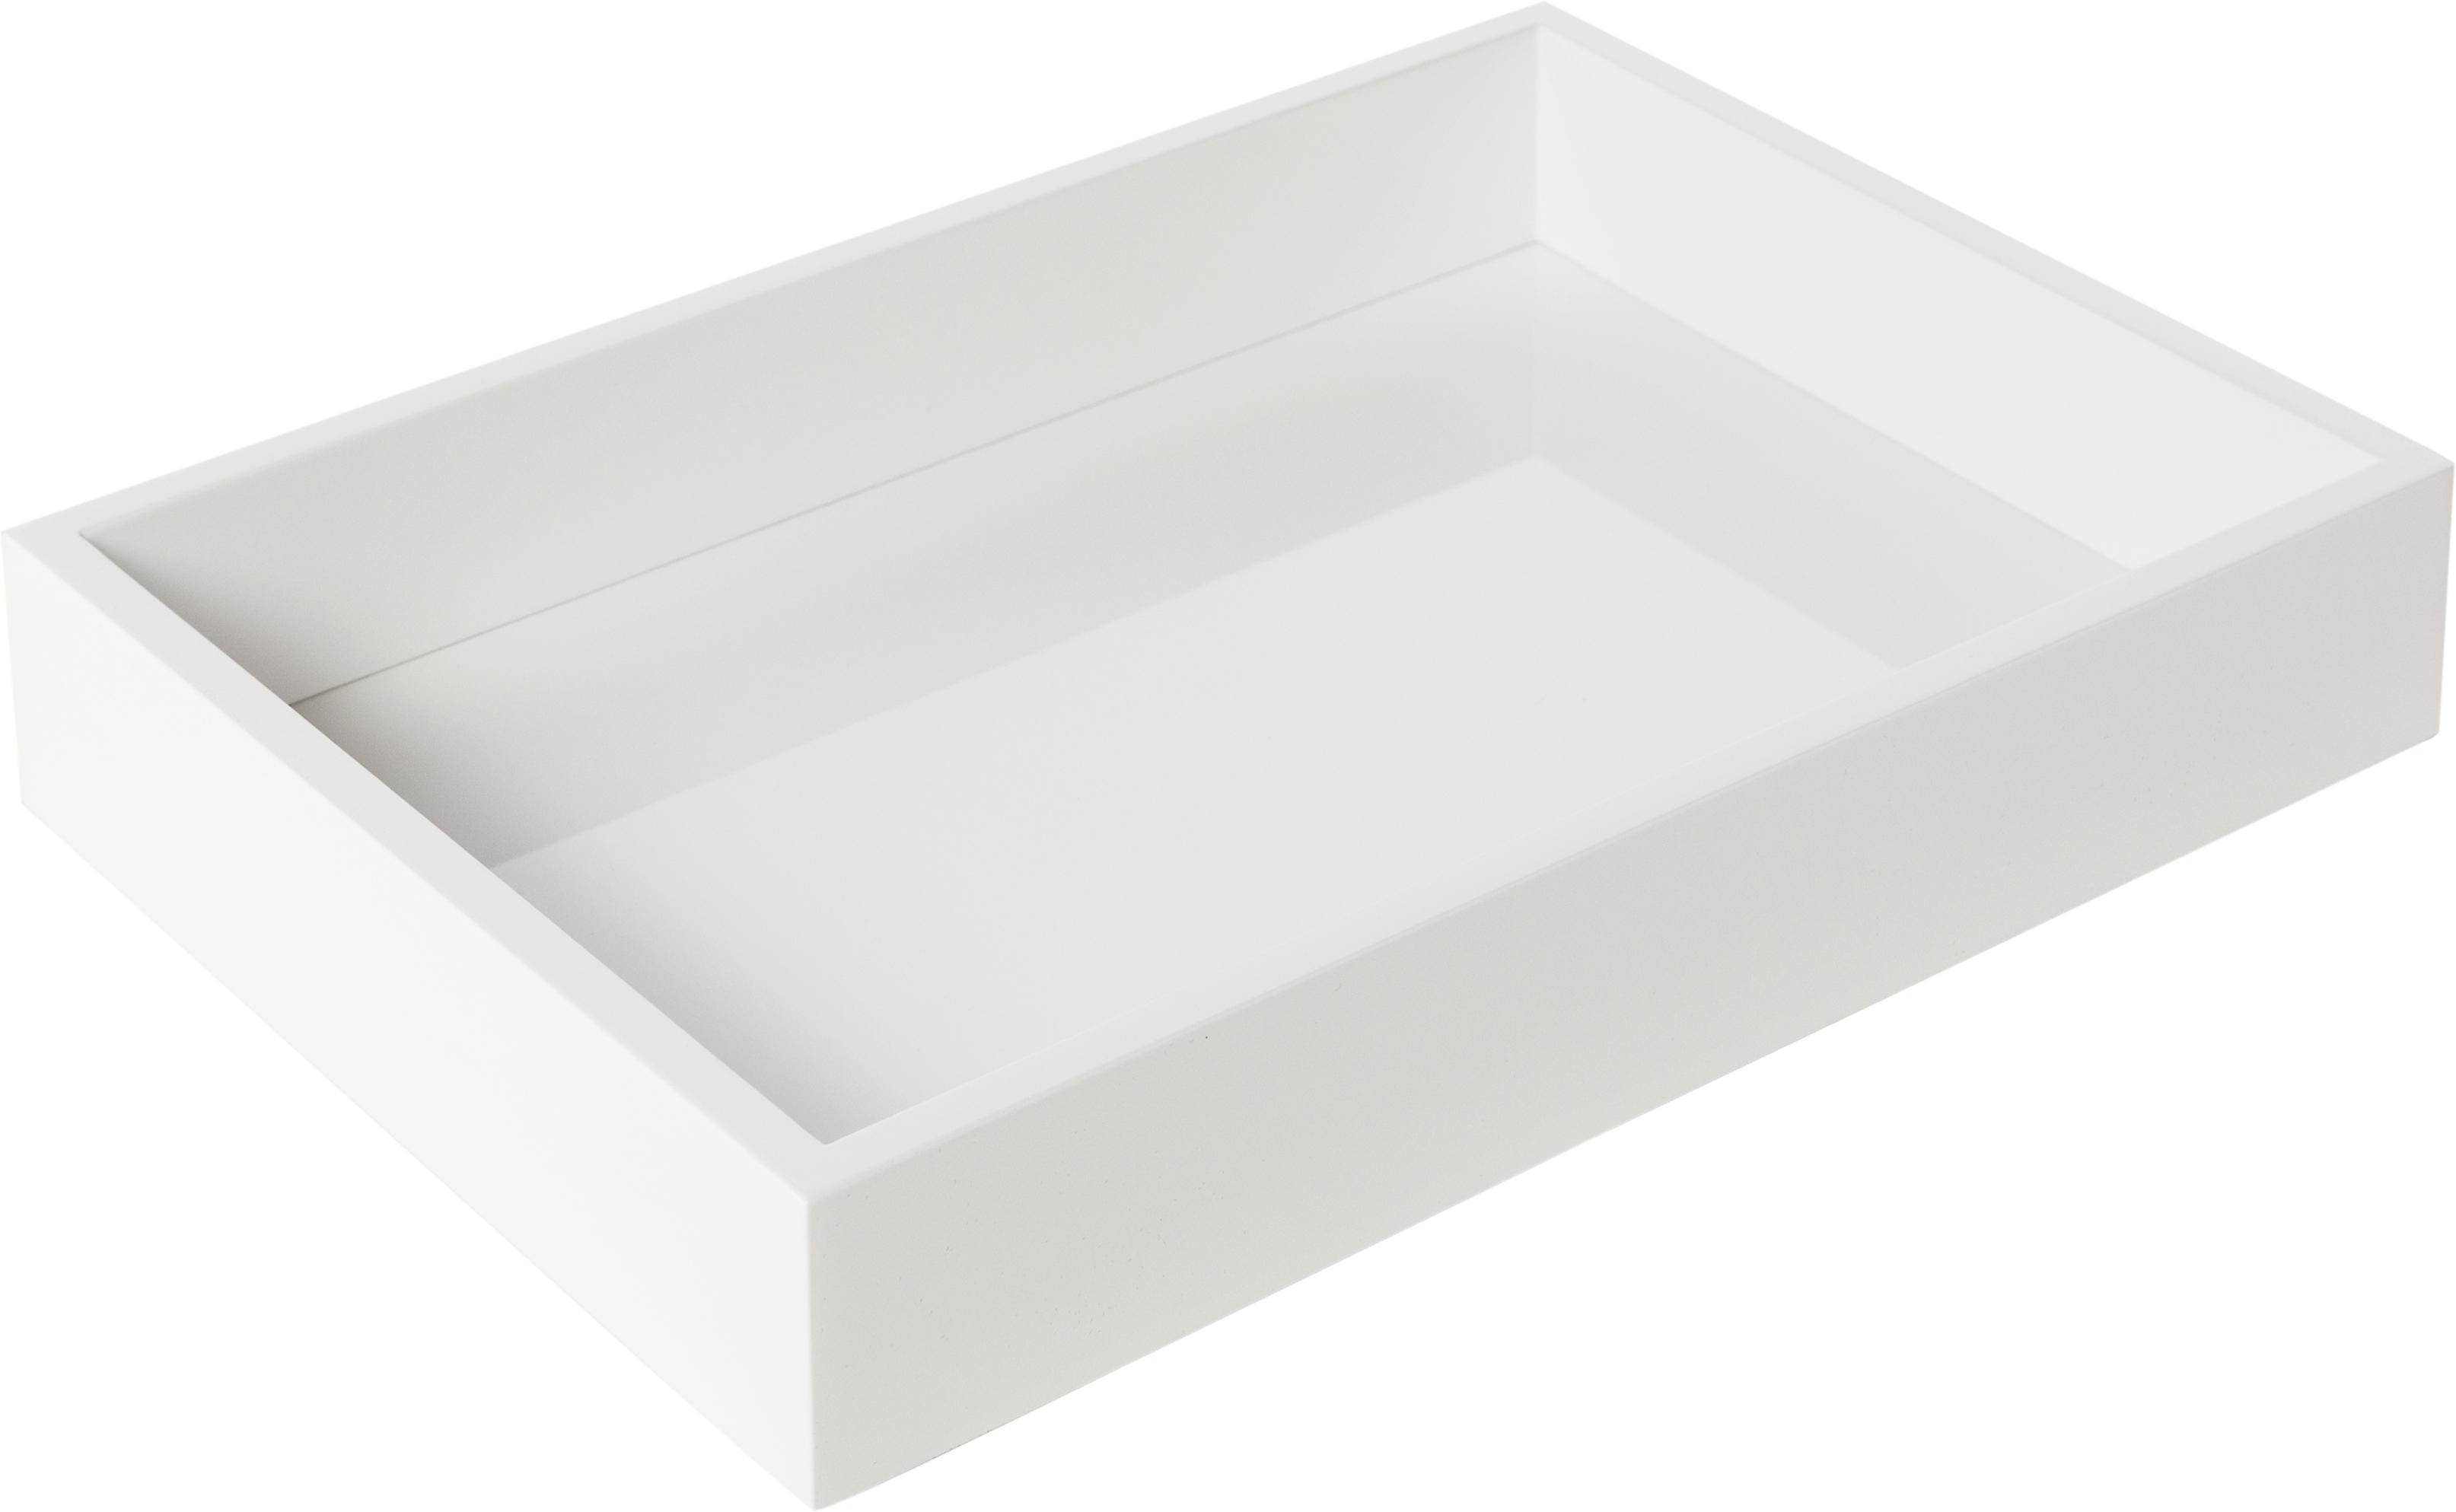 Taca Tracy, Biały, S 33 x G 24 cm